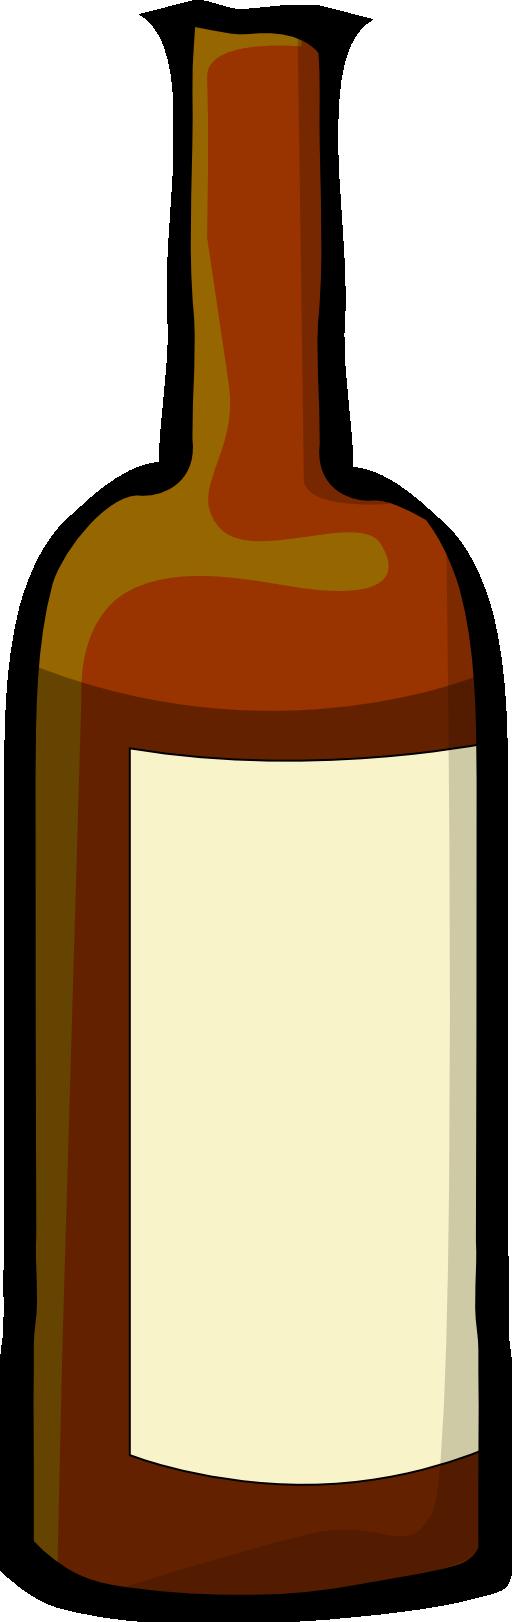 Beer bottle clip art.